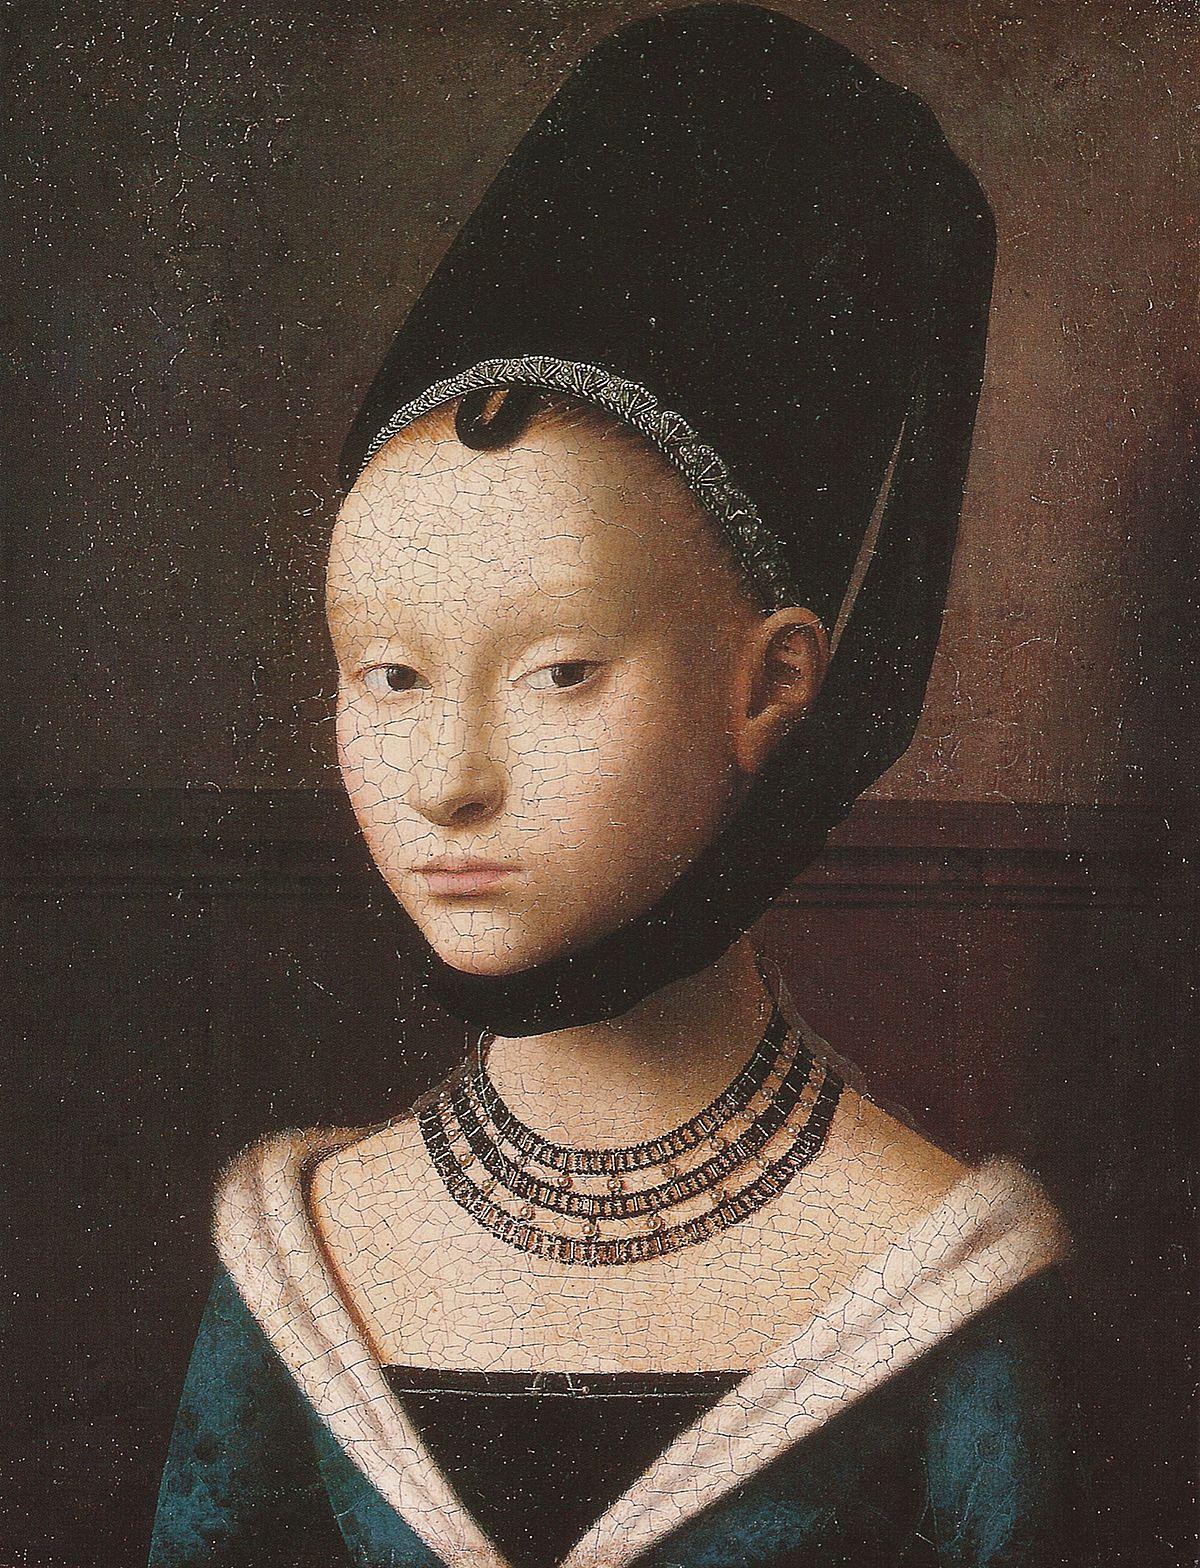 Ritratto di fanciulla (Petrus Christus) - Wikipedia